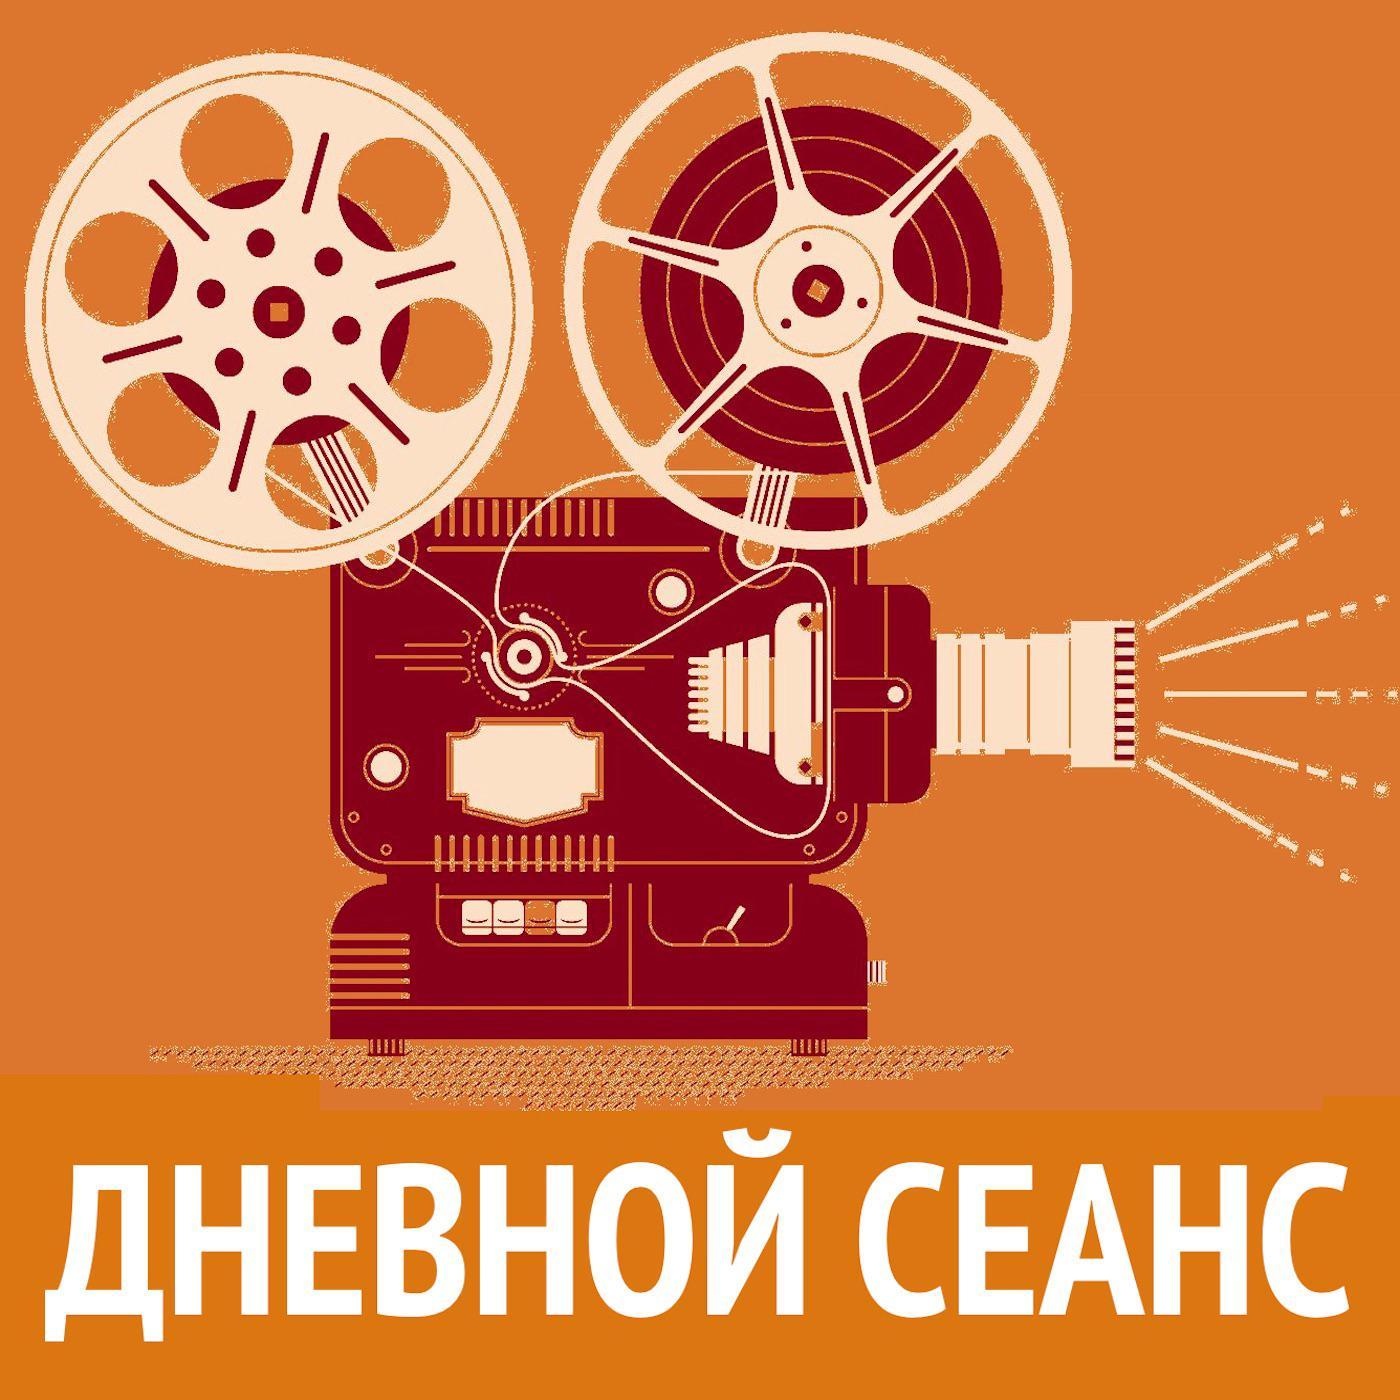 Илья Либман Октябрь в истории кинематографа. Программа Дневной сеанс сеанс guide российские фильмы 2007 года